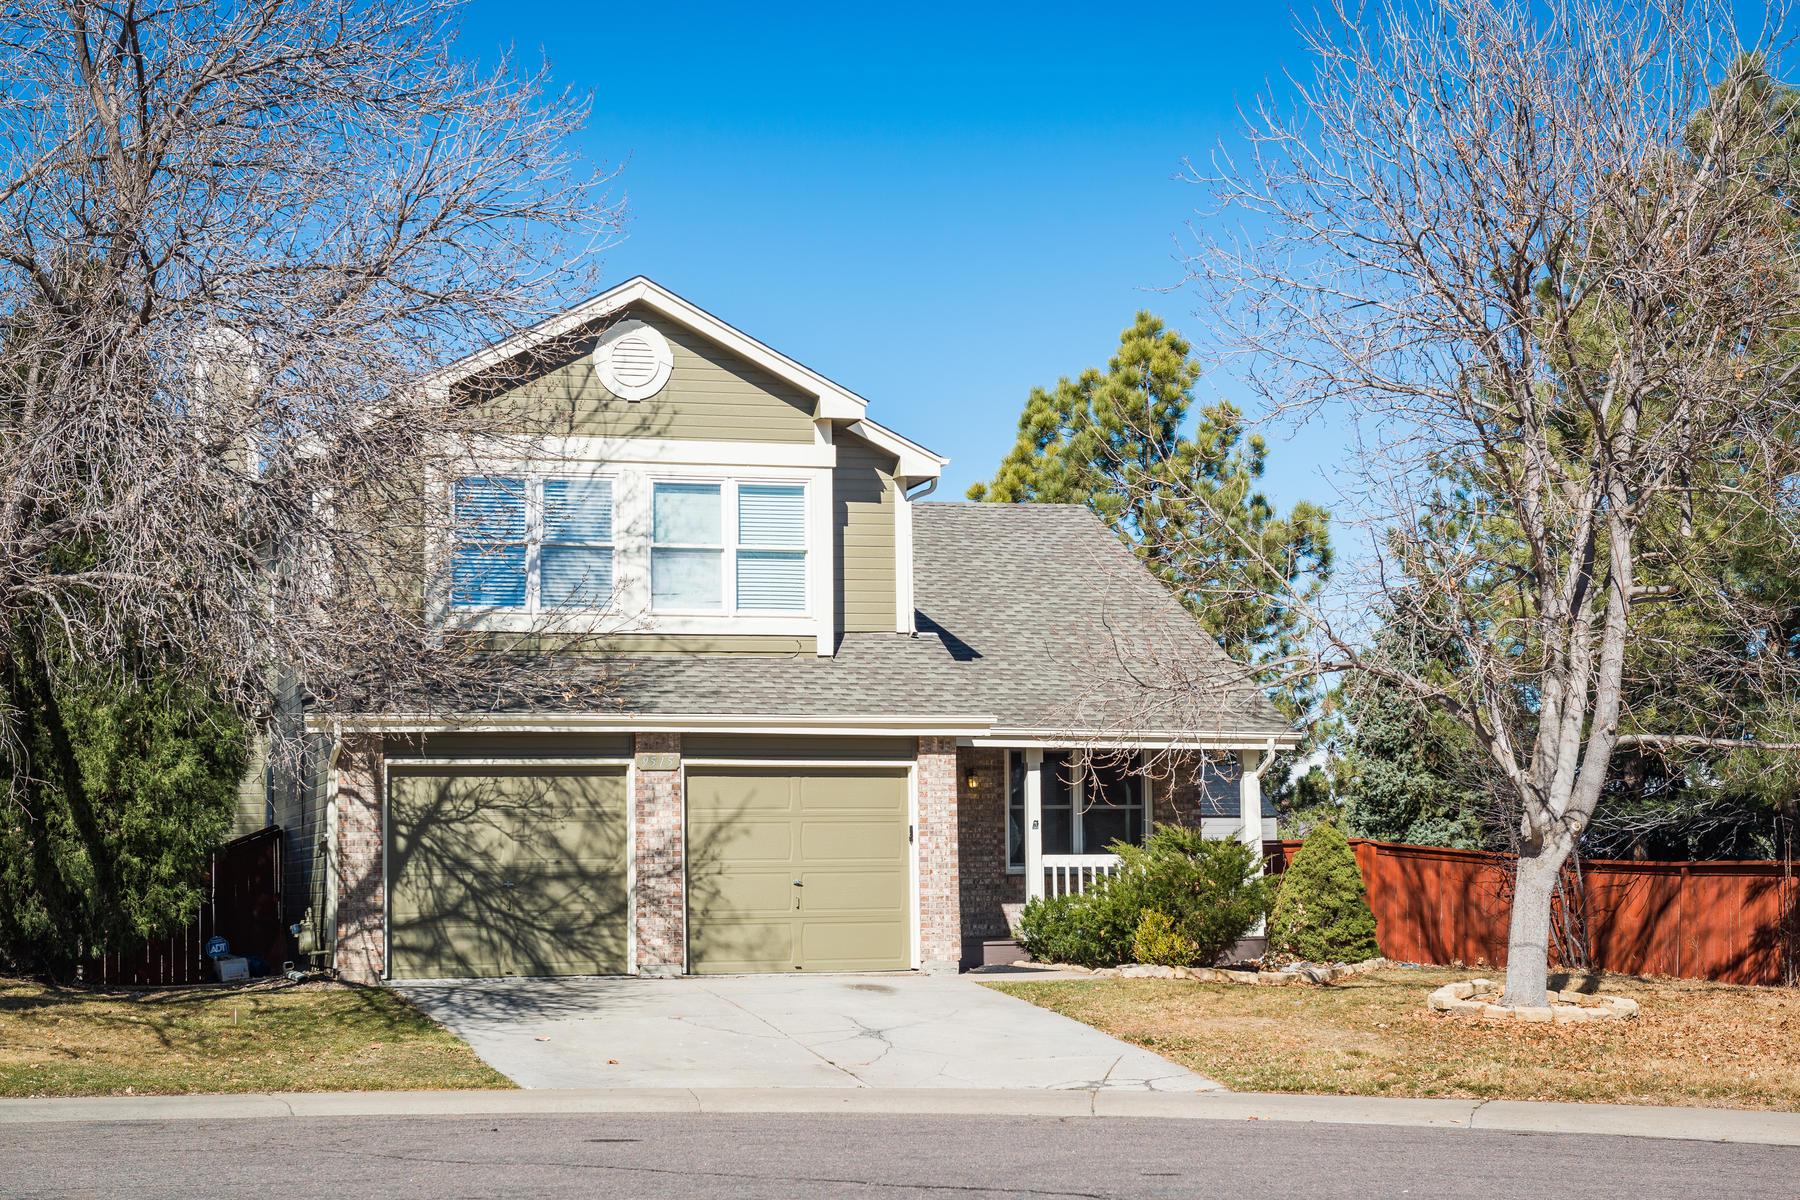 Einfamilienhaus für Verkauf beim Terrific Home With Great Mountain Views And Large Yard 9515 Sherrelwood Lane, Highlands Ranch, Colorado, 80126 Vereinigte Staaten